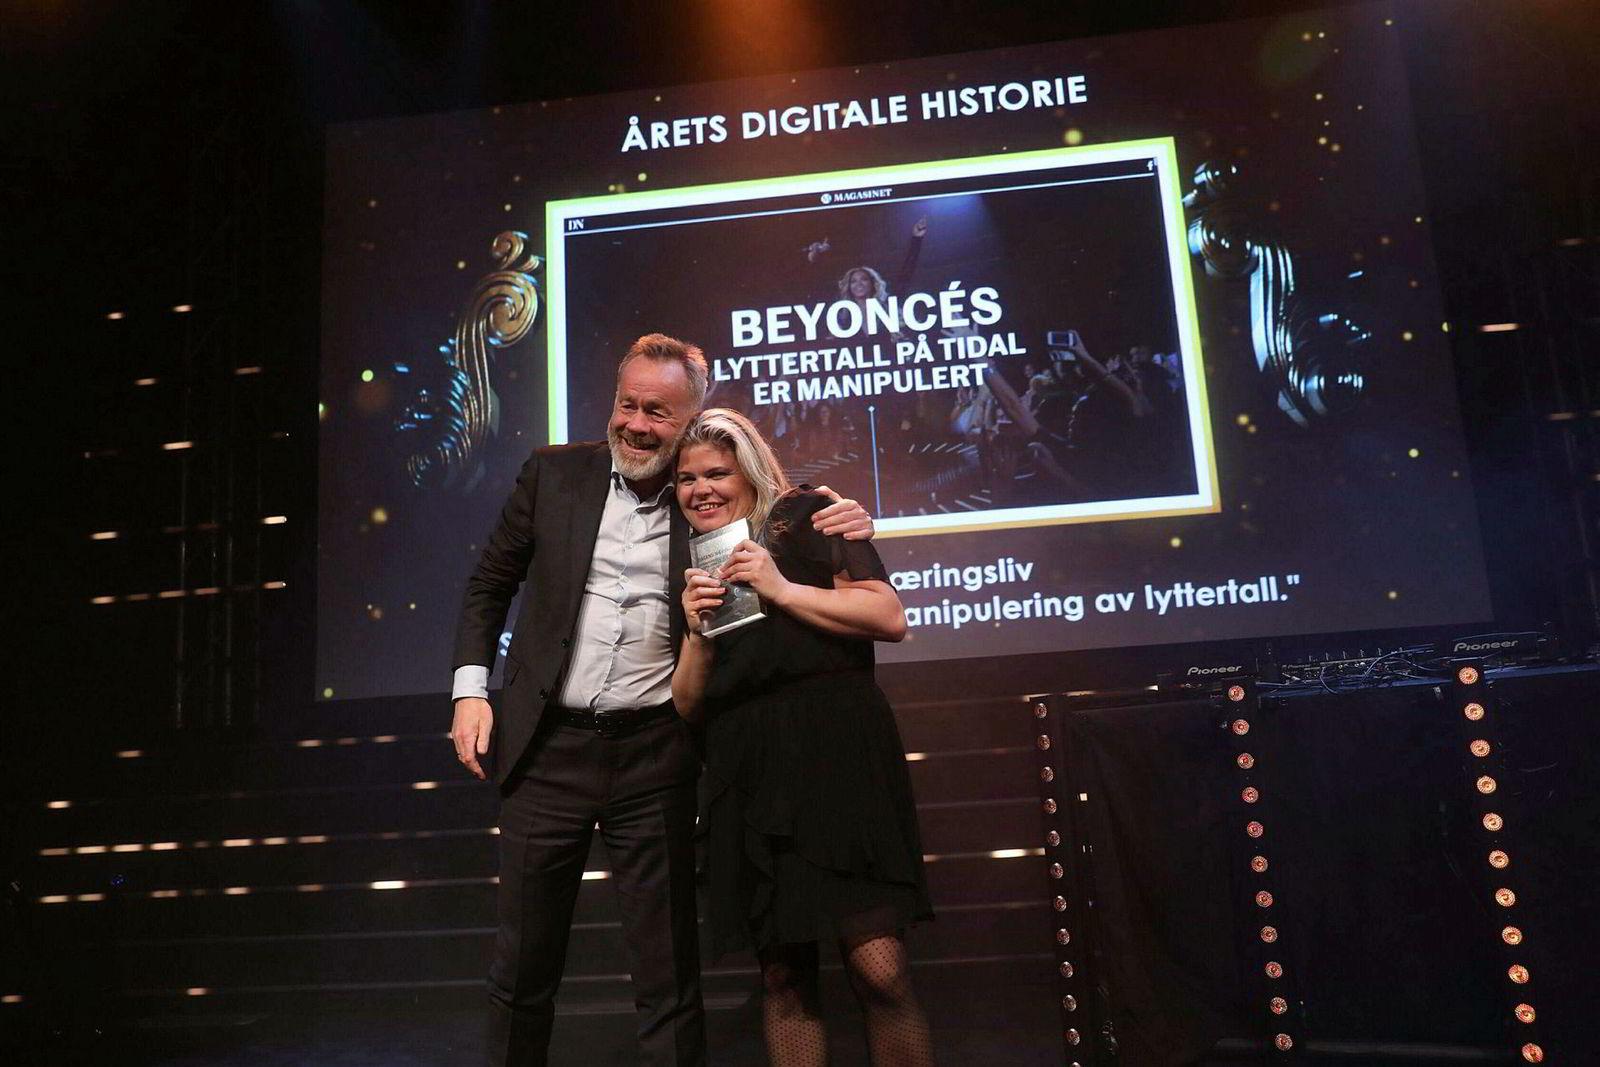 Dagens Næringsliv vant Årets digitale historie for Tidal-avsløringene. Sjefredaktør Amund Djuve og reportasjeleder Tinna Gudmundsdottir tok imot utmerkelsen.